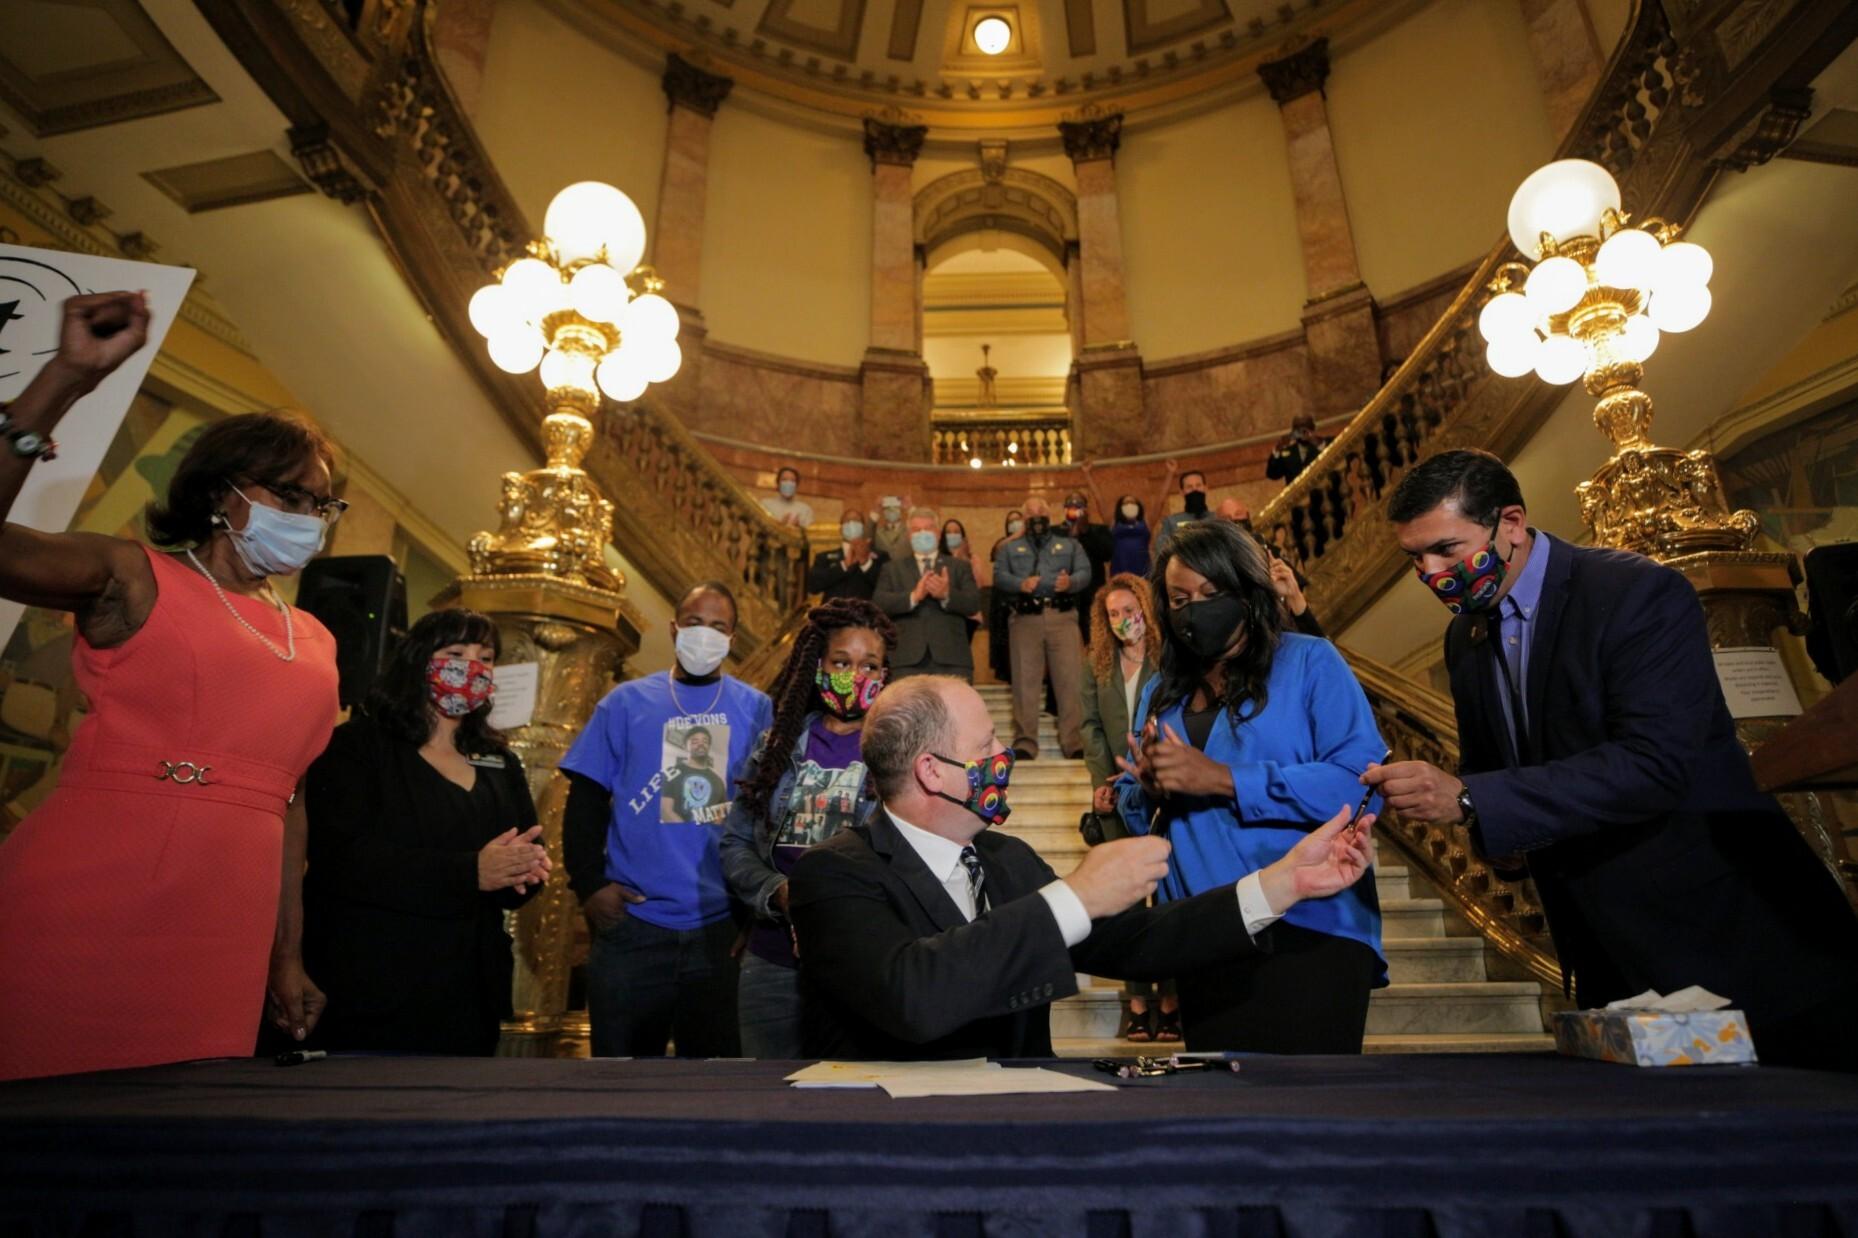 Gov. Jared Polis hands ceremonial pens to bill sponsors Rep. Leslie Herod, D-Denver and Senate President Leroy Garcia, D-Pueblo after signing law enforcement reform legislation at the State Capitol Friday